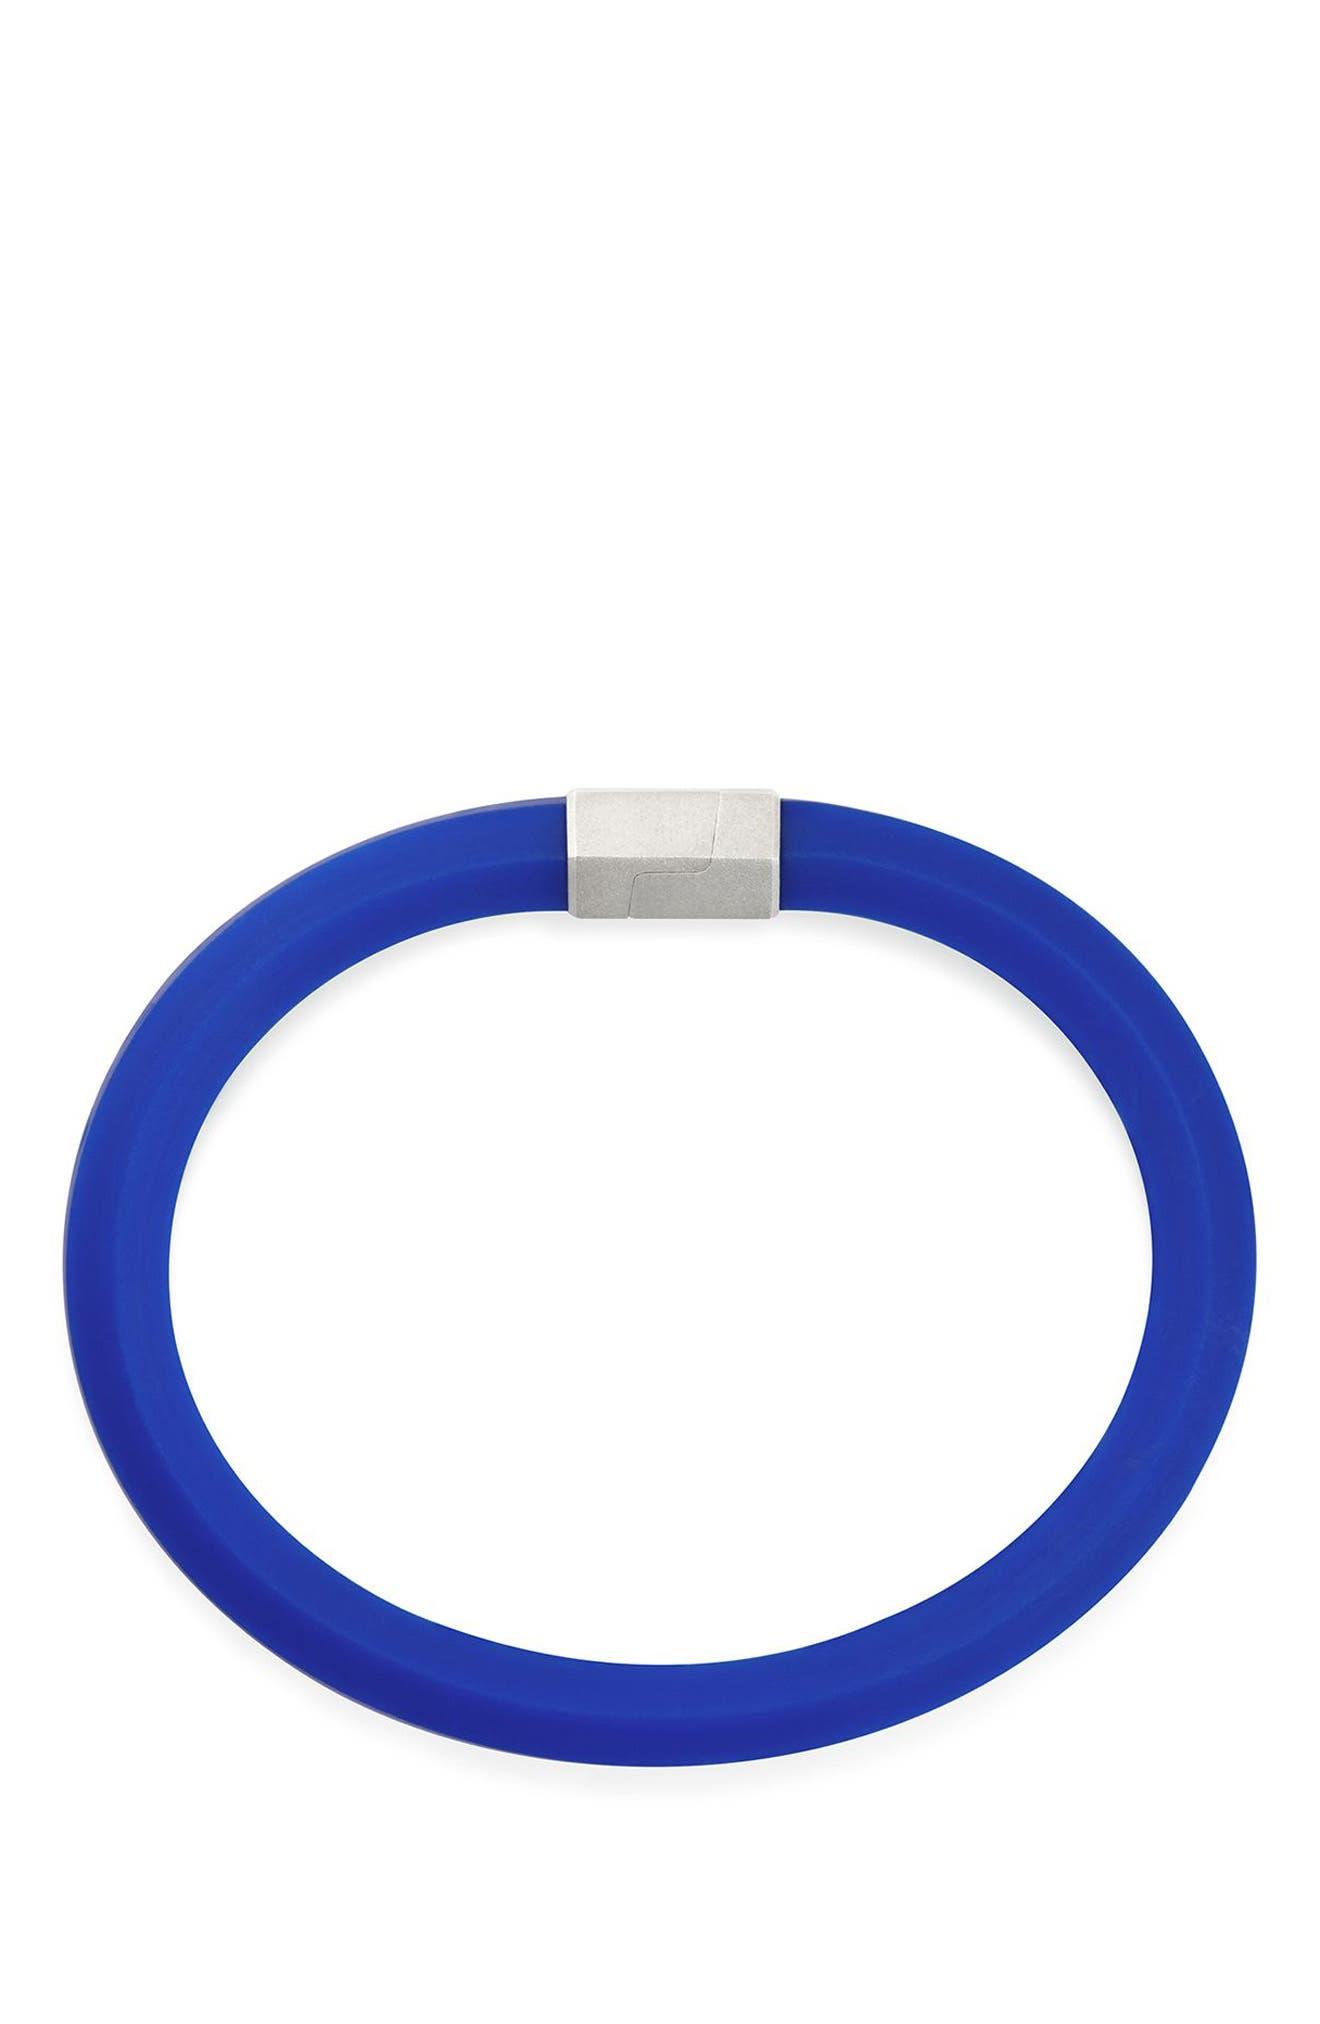 Streamline Rubber ID Bracelet in Black,                             Alternate thumbnail 2, color,                             Blue